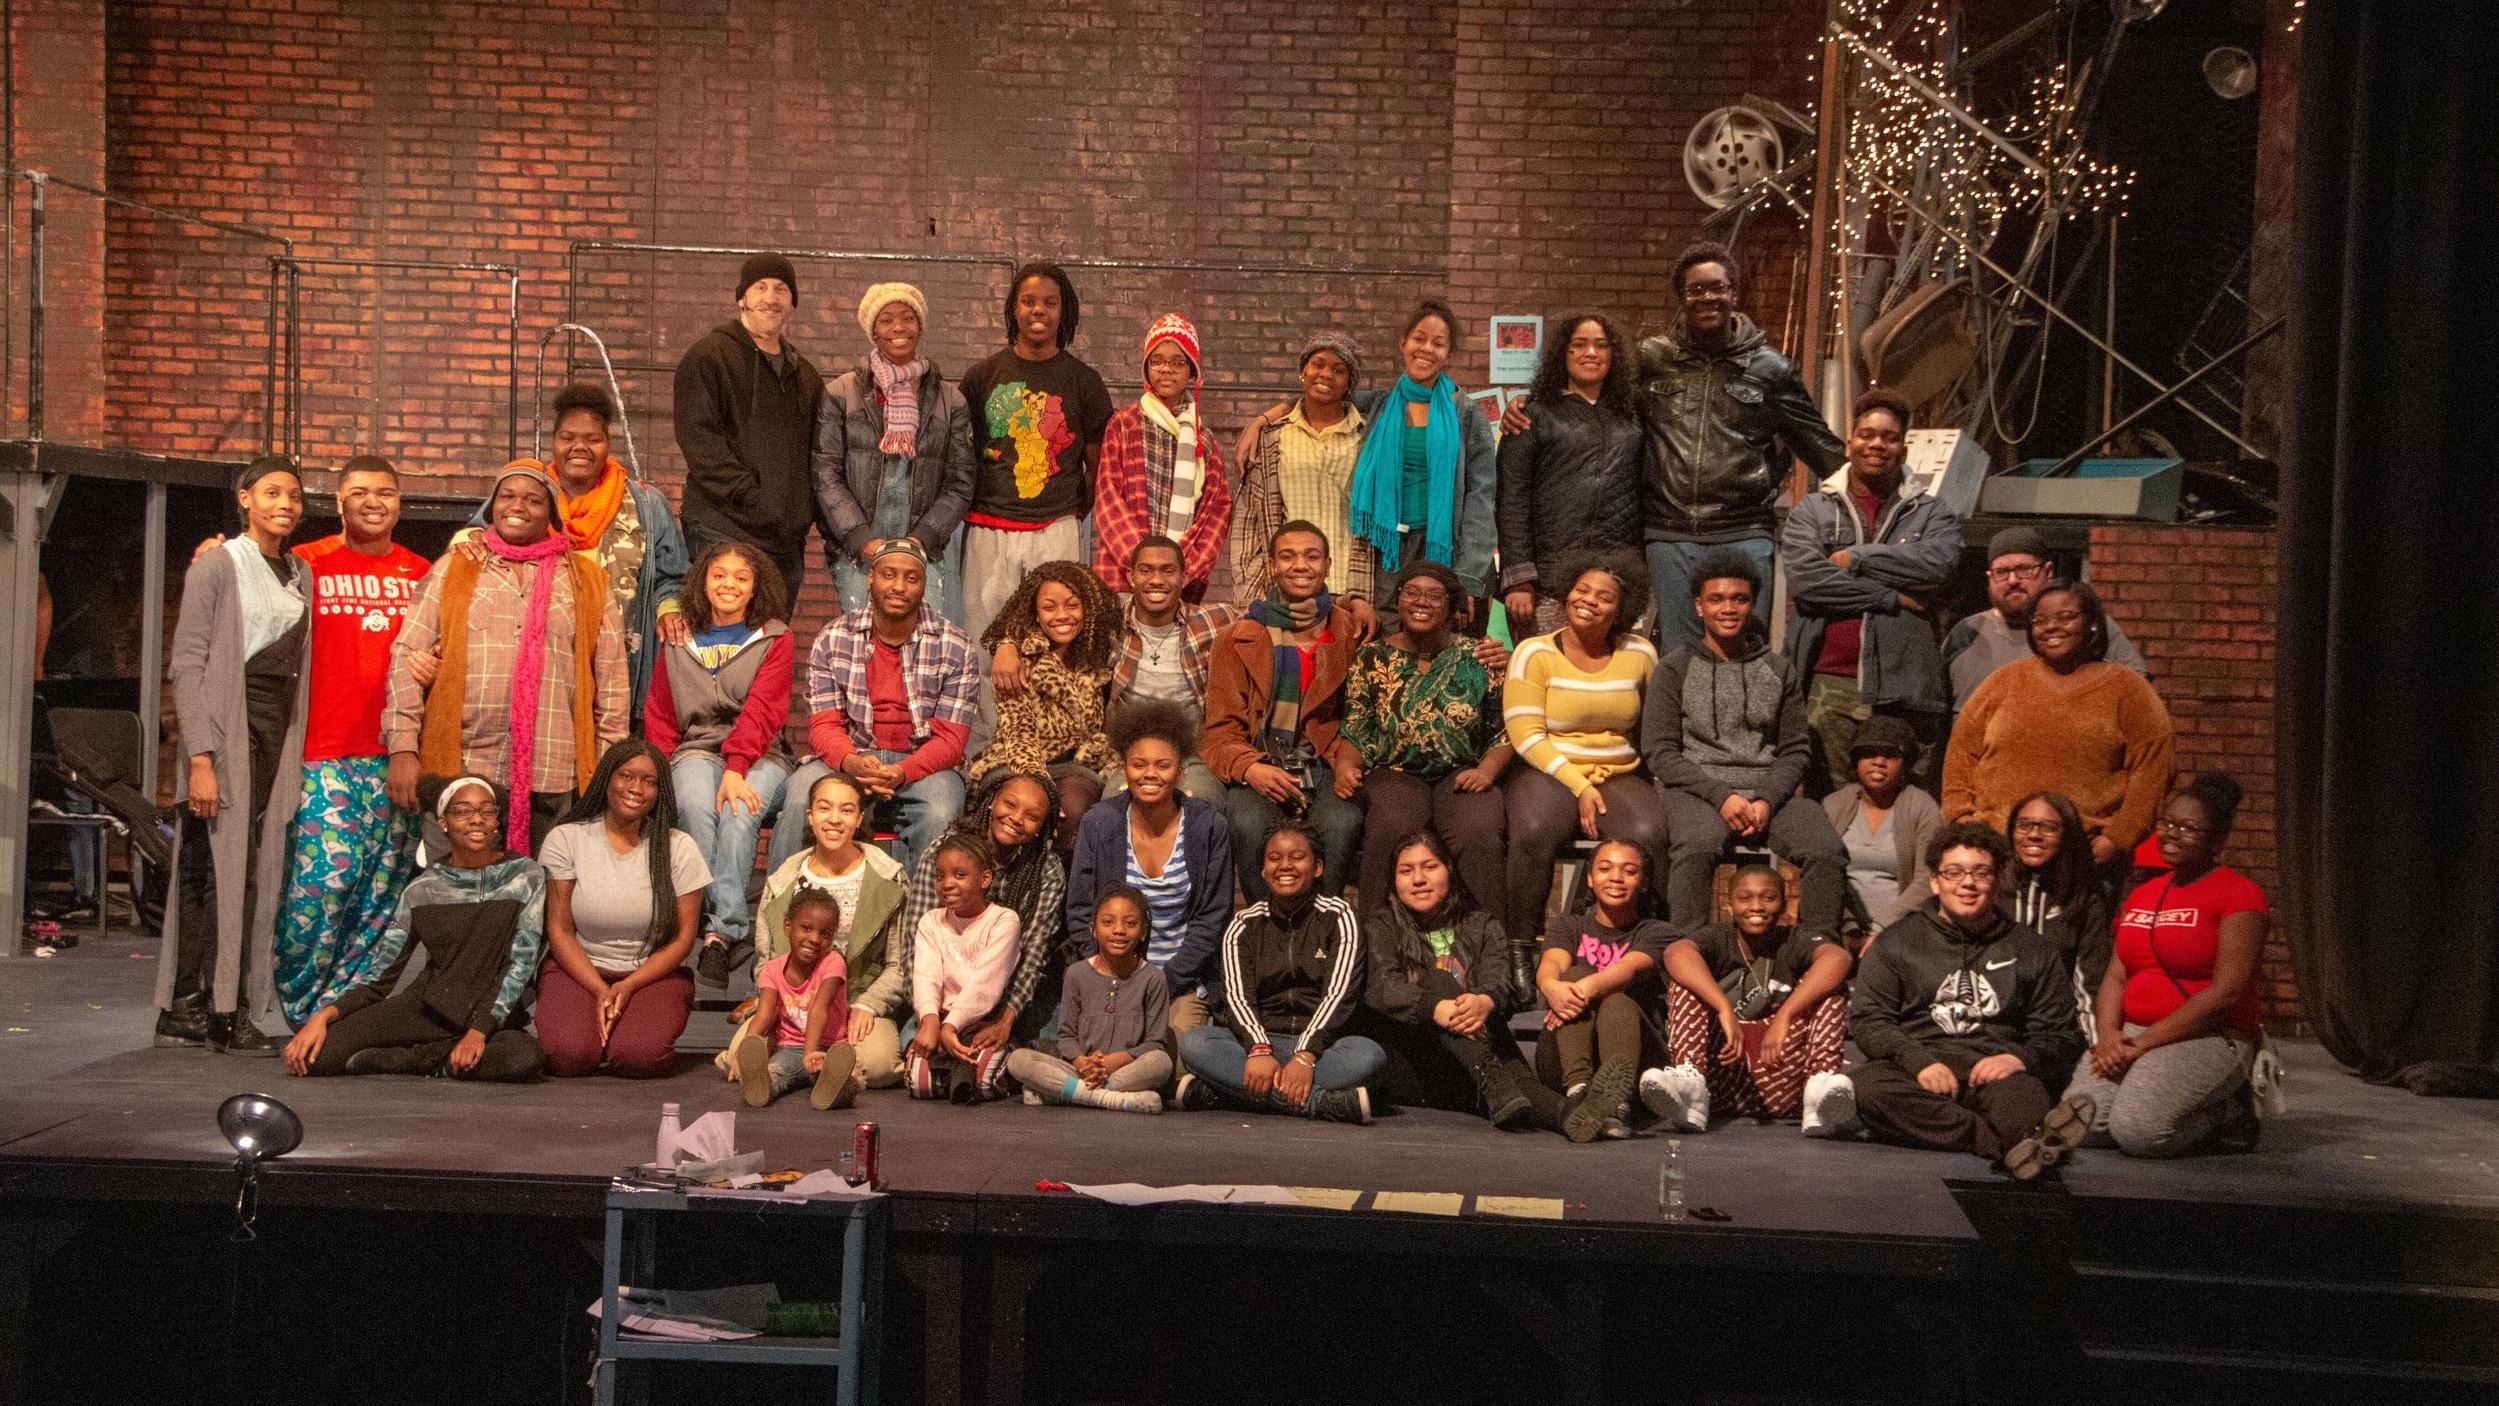 Eastmoor+Academy+Group+Image.jpg